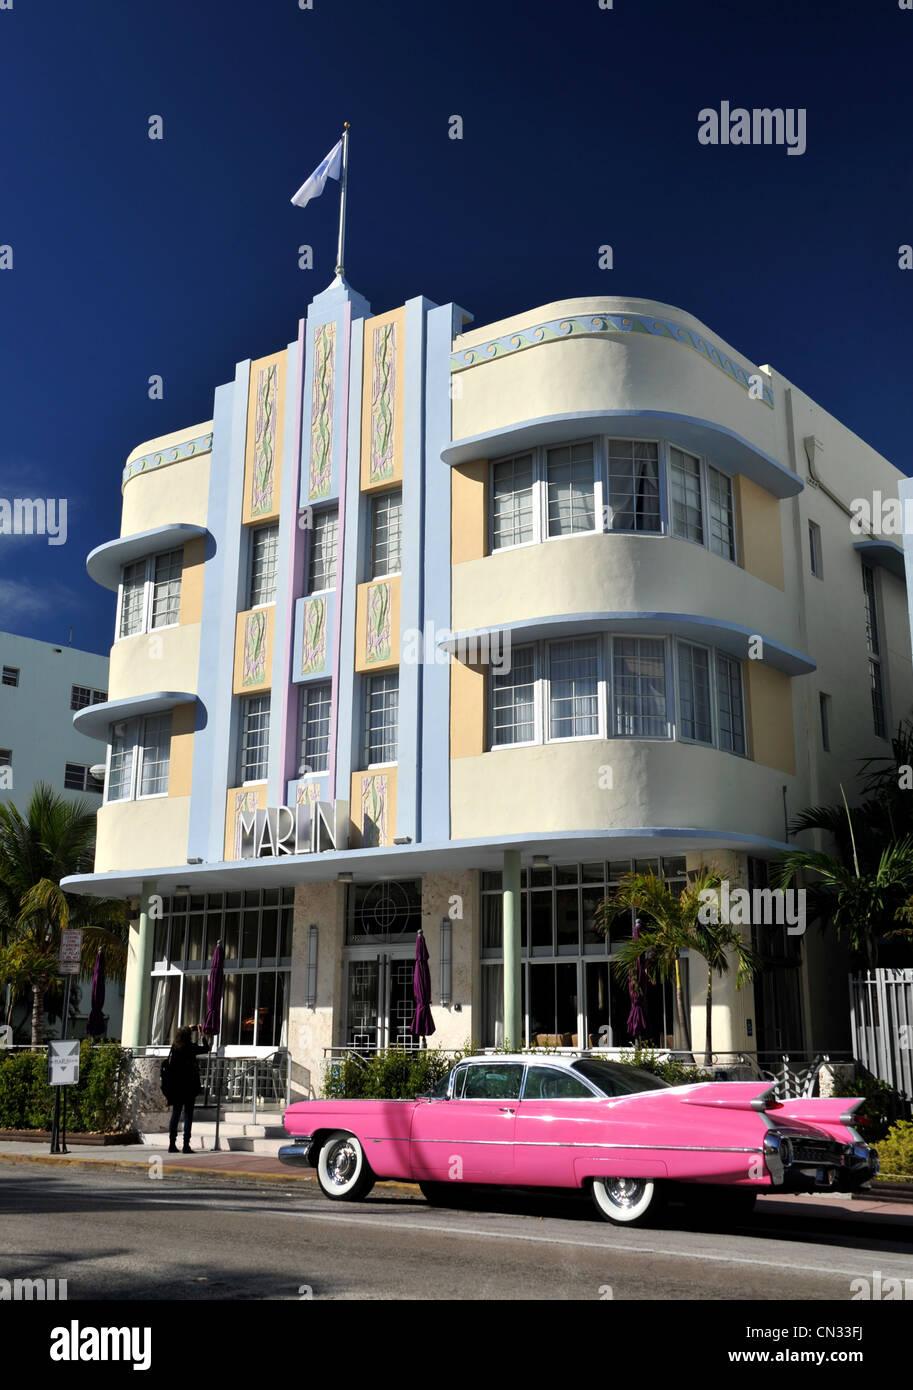 Hotel Marlin, Miami, Florida, Stati Uniti d'America Immagini Stock